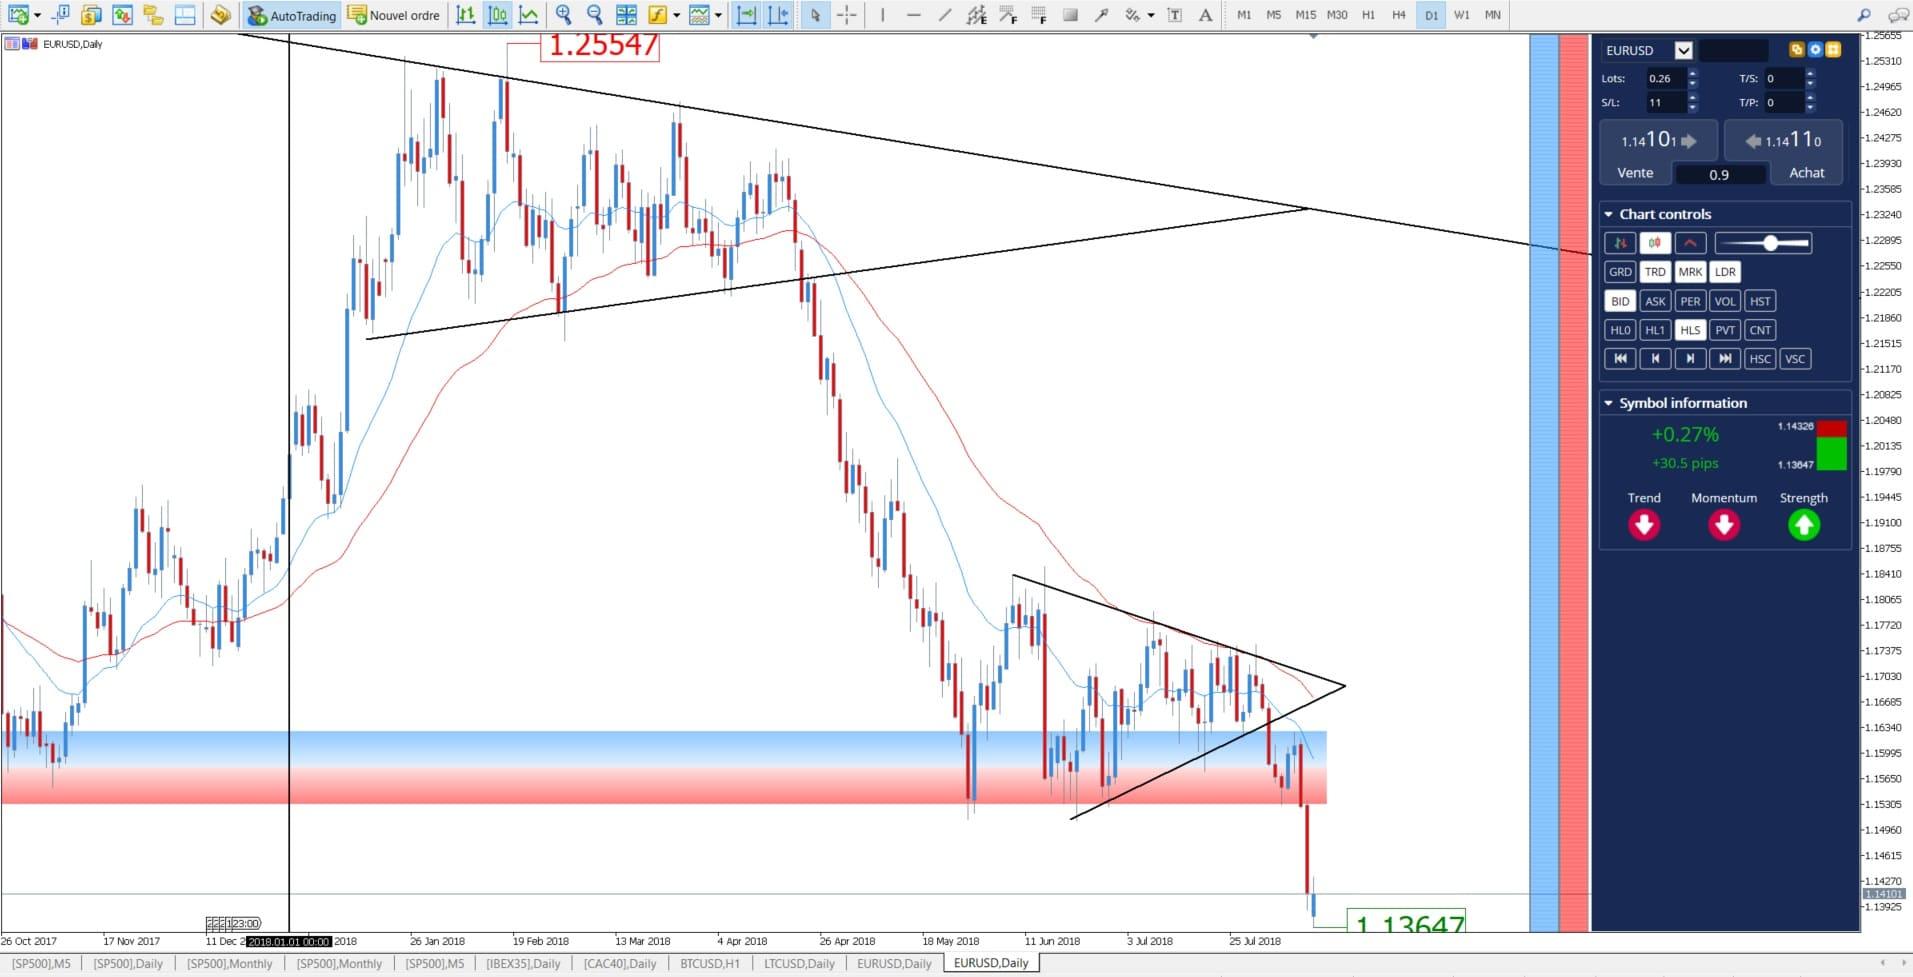 trading eur usd - eur/usd metatrader